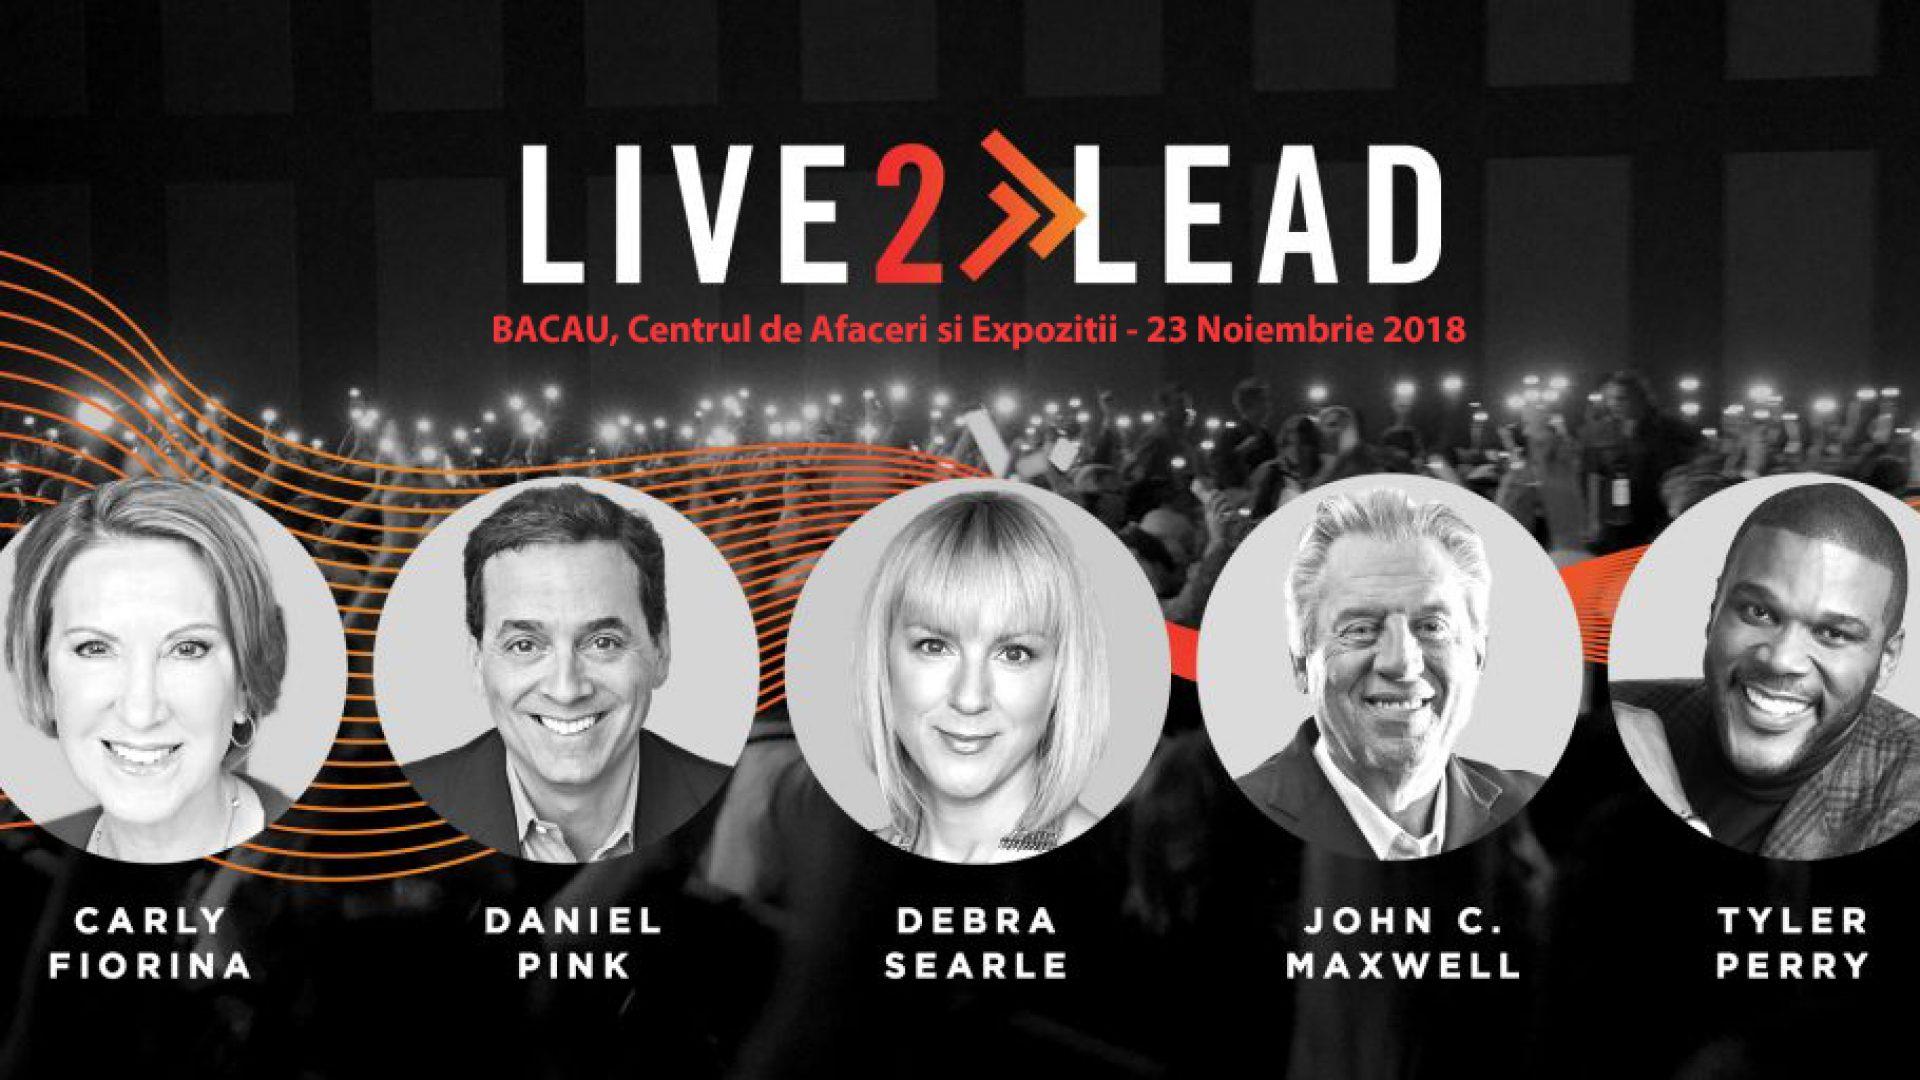 Live2Lead Bacau